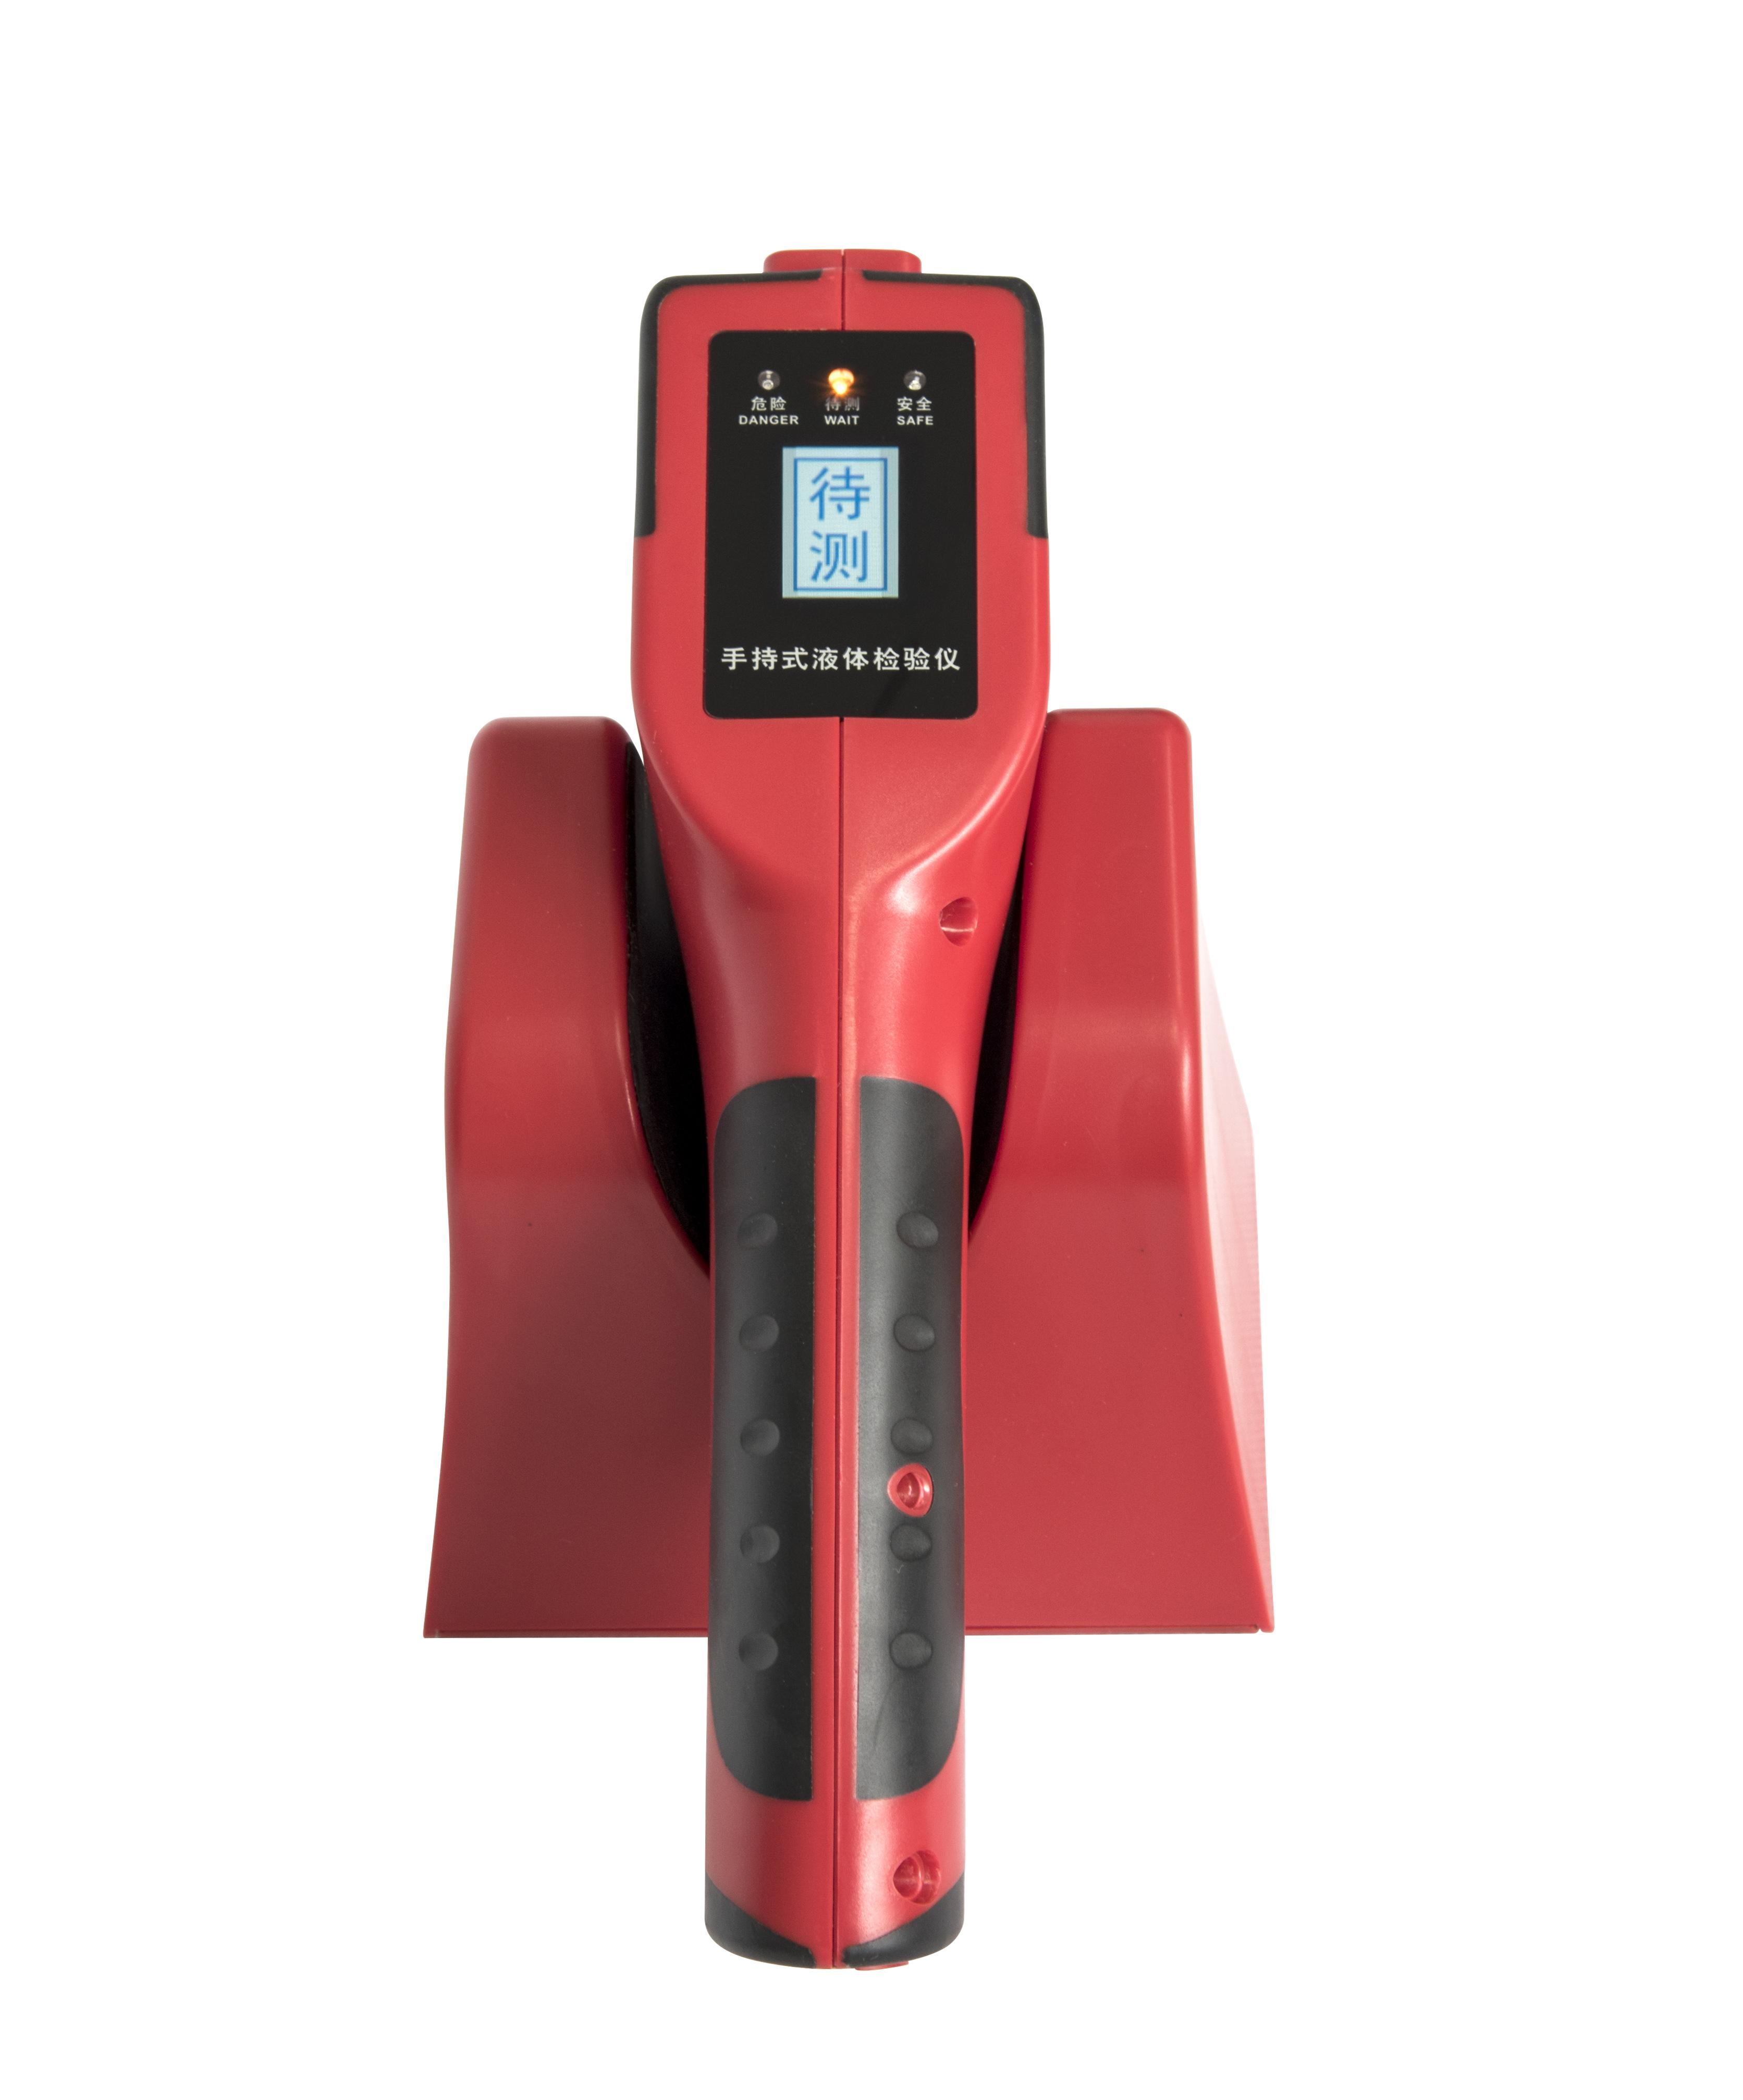 手持式危险液体探测仪